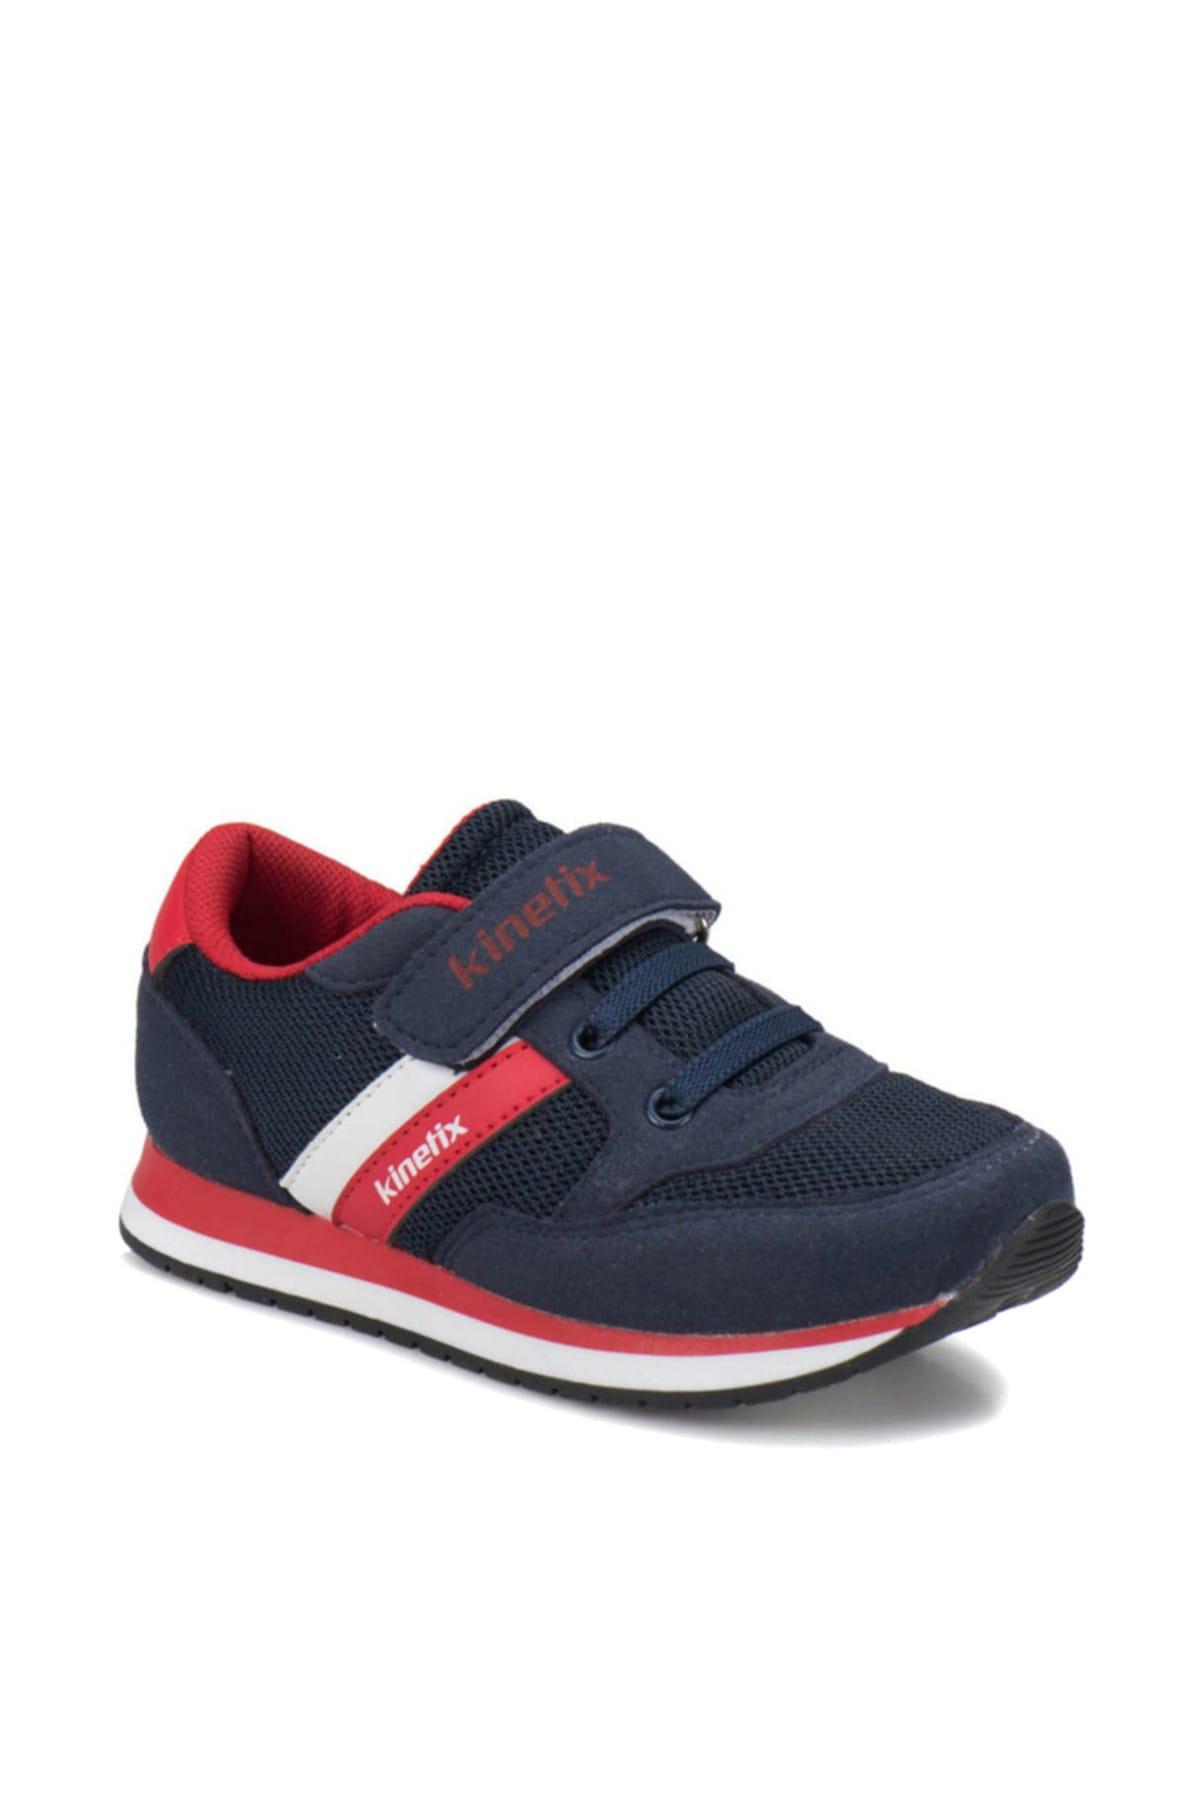 Kinetix PAYOF Lacivert Kırmızı Erkek Çocuk Sneaker 100243134 1